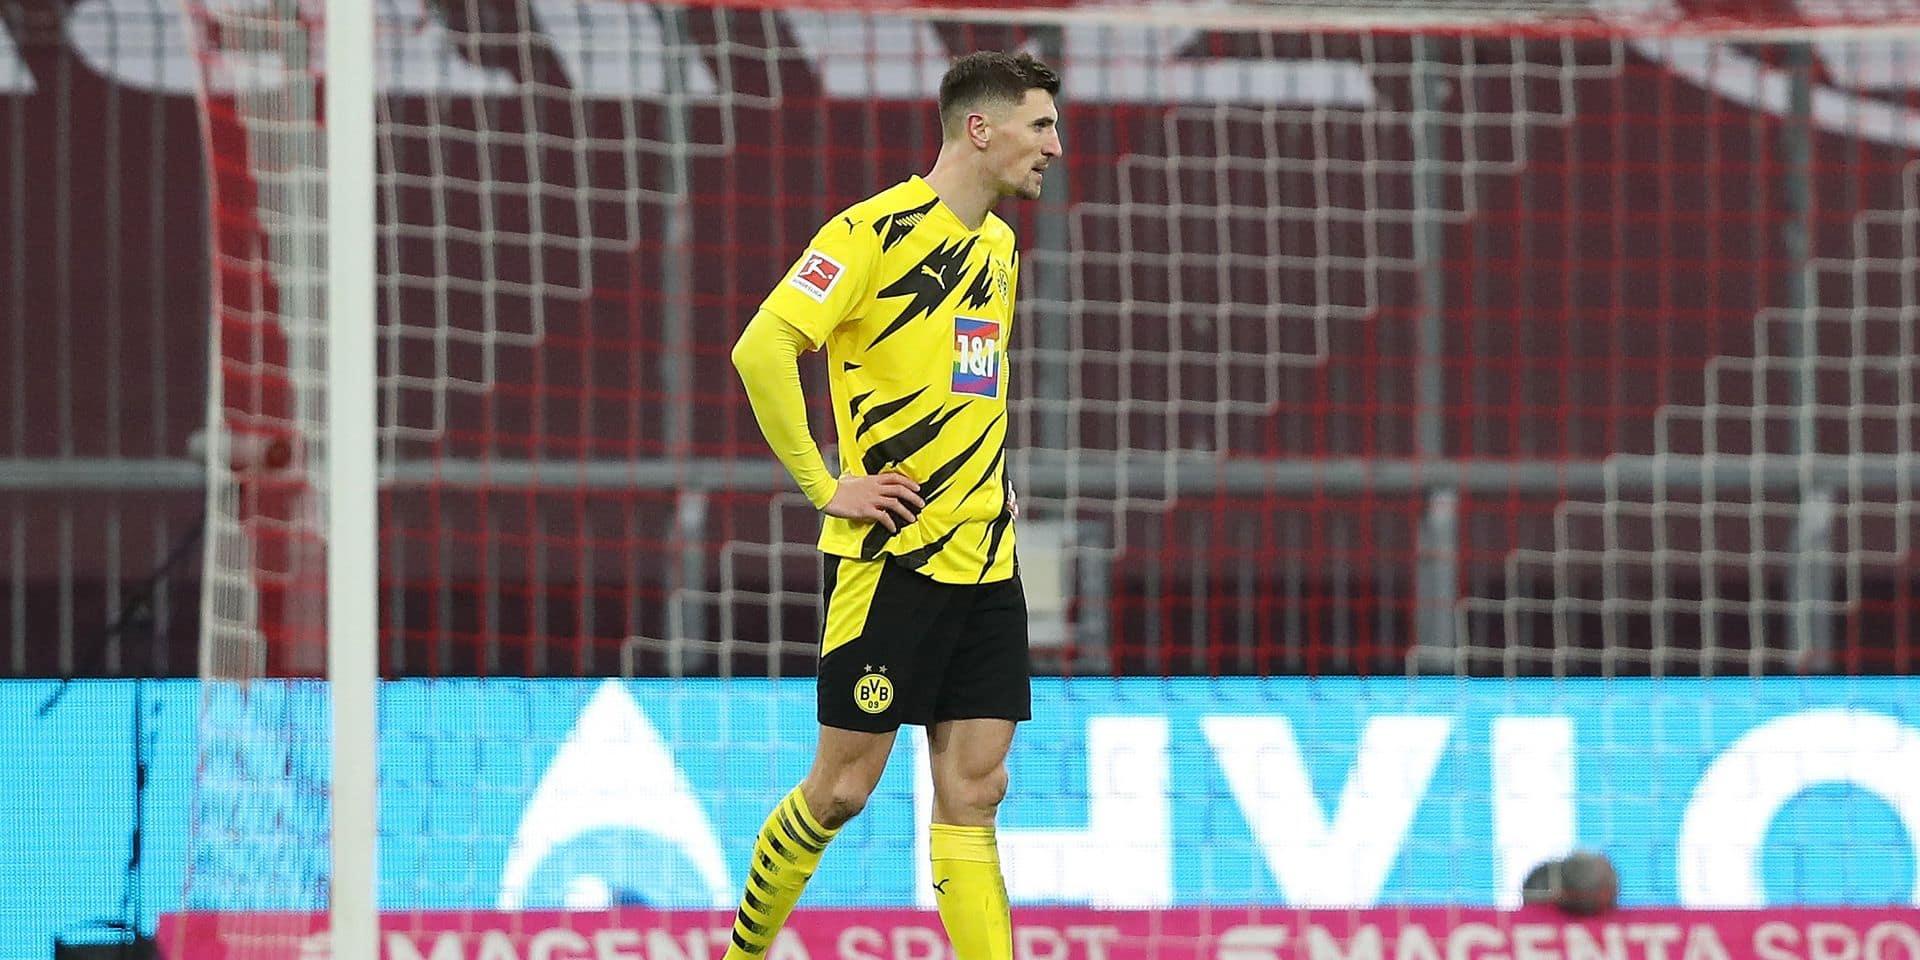 Soccer 1st Bundesliga / FC Bayern Munich - Borussia Dortmund 4: 2.